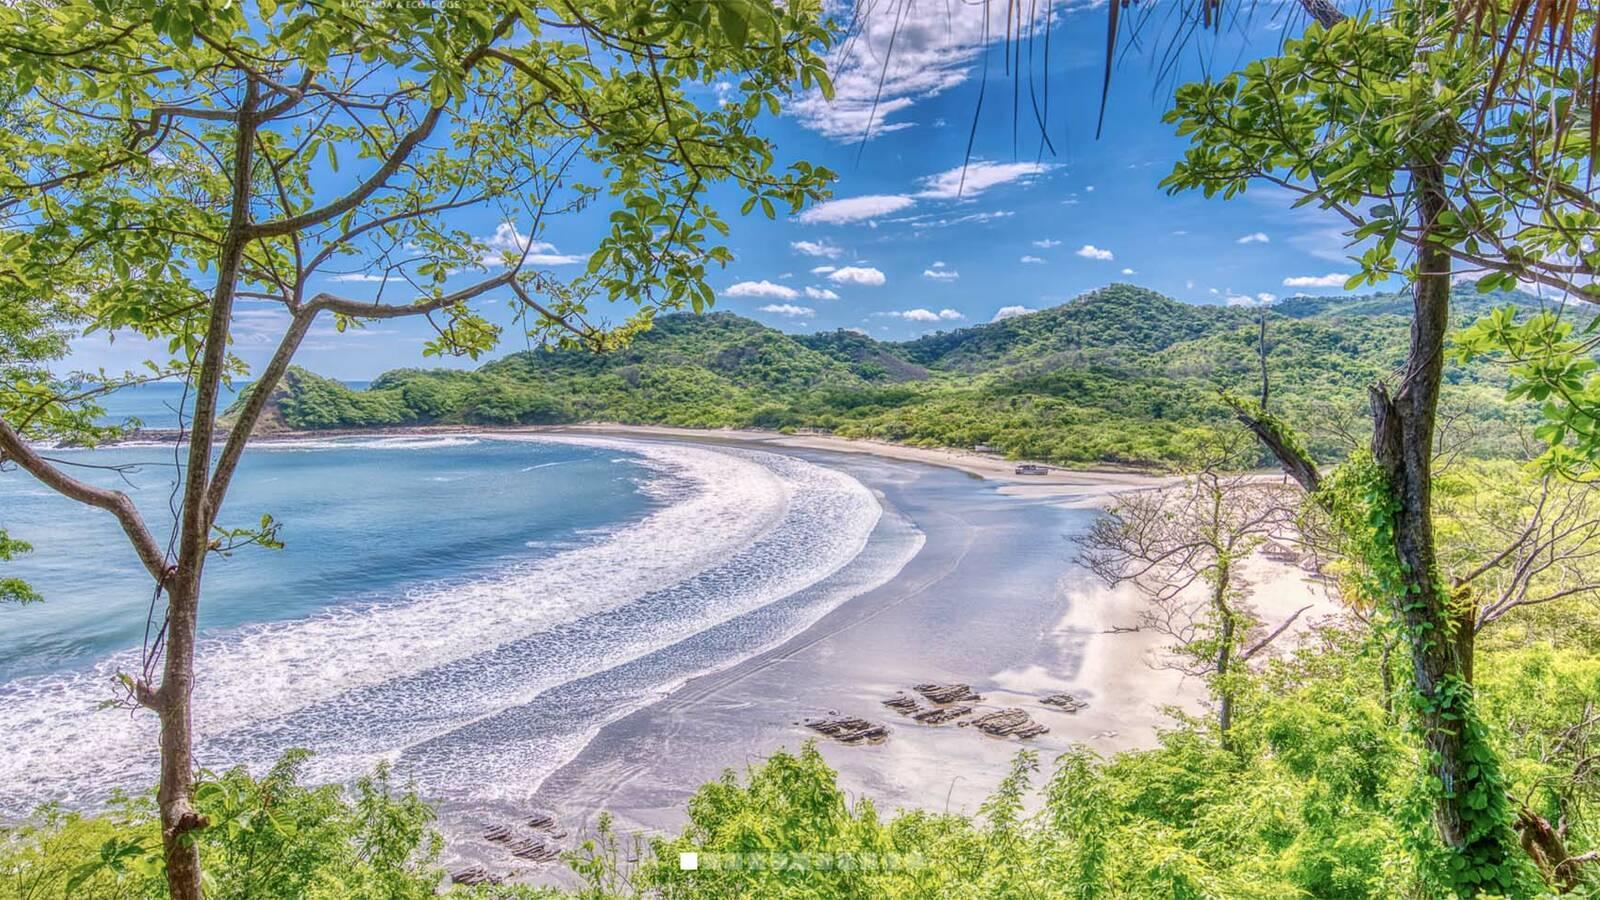 Nicaragua Morgan Rock